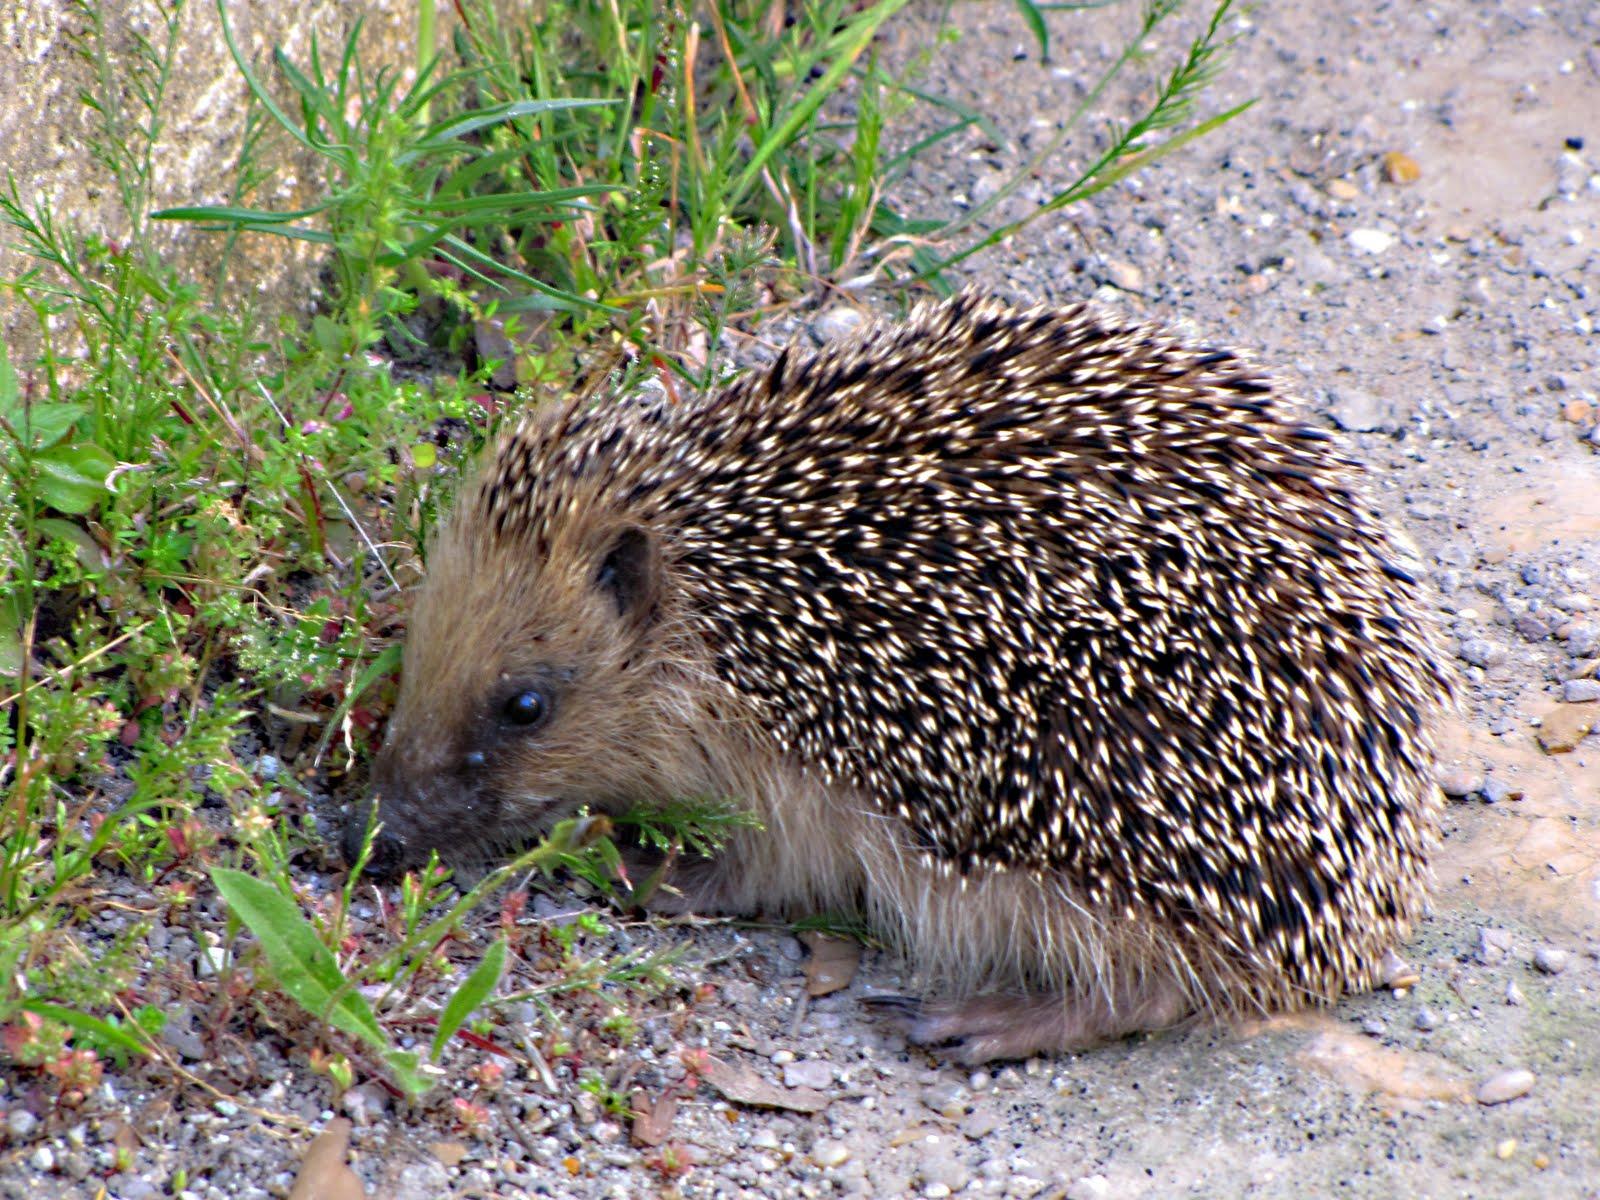 Medbunker le scomode verit l 39 importanza del riccio - Riccio in giardino ...